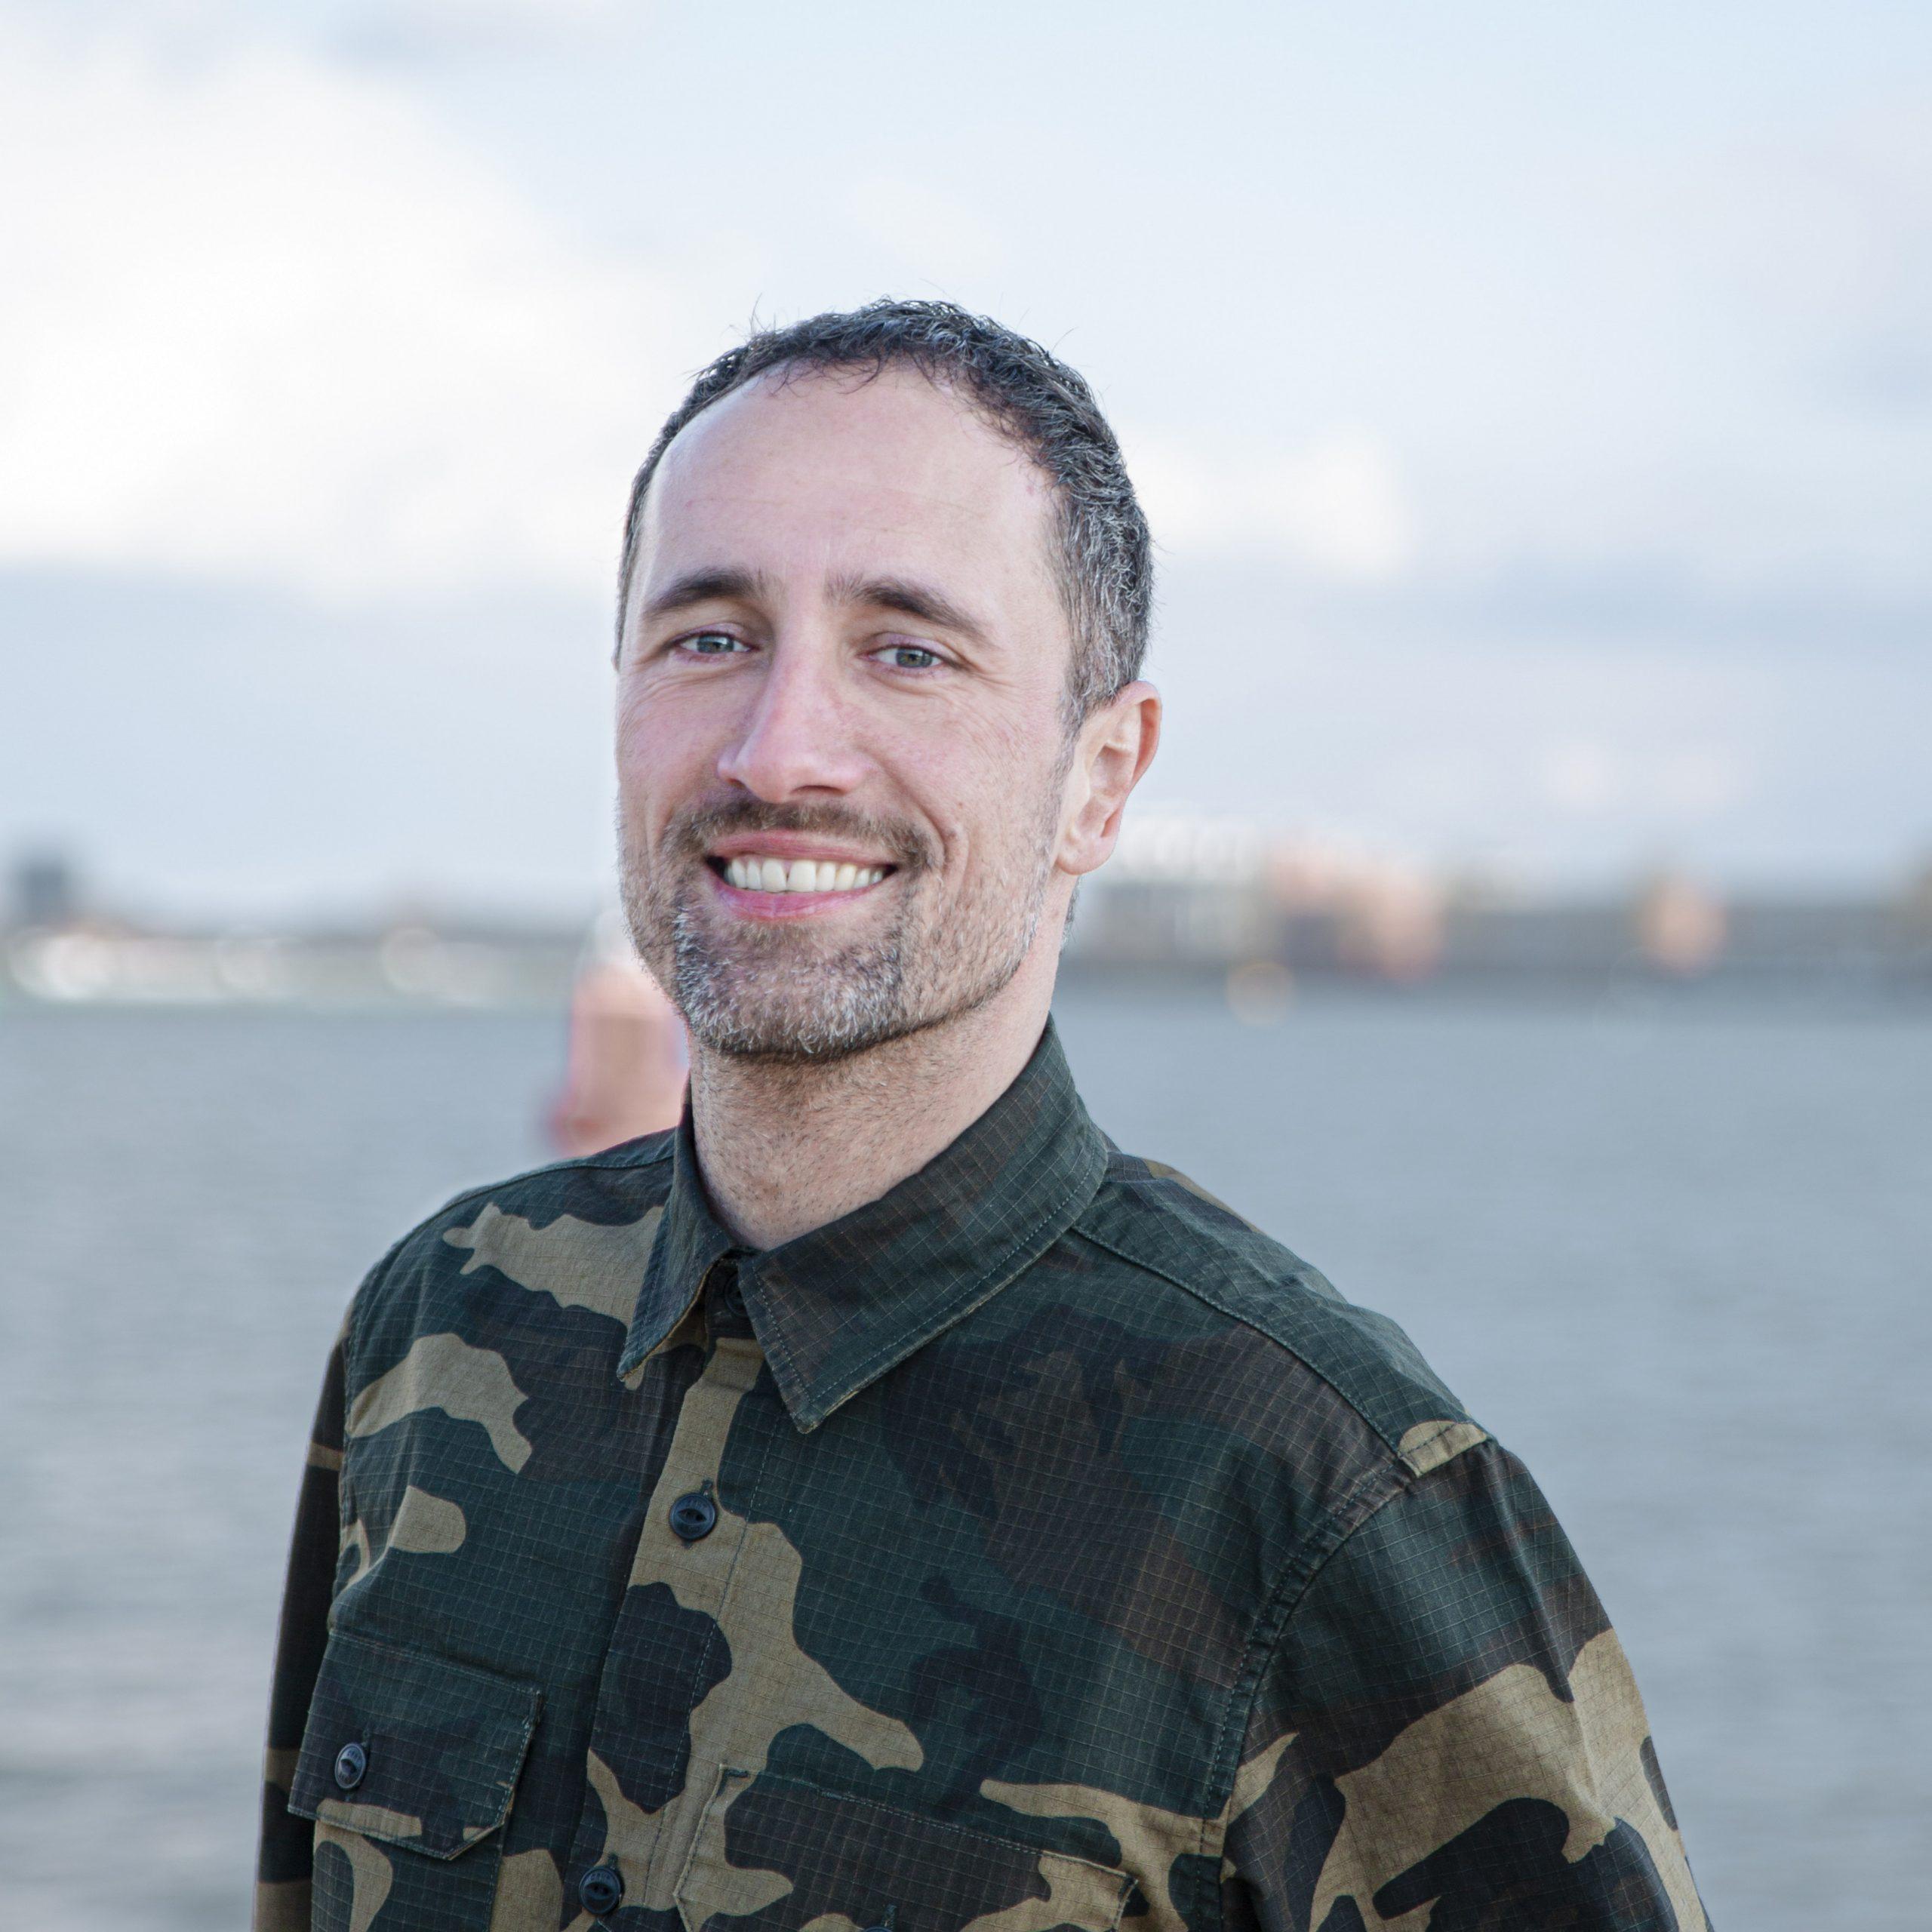 Steven van Dorp